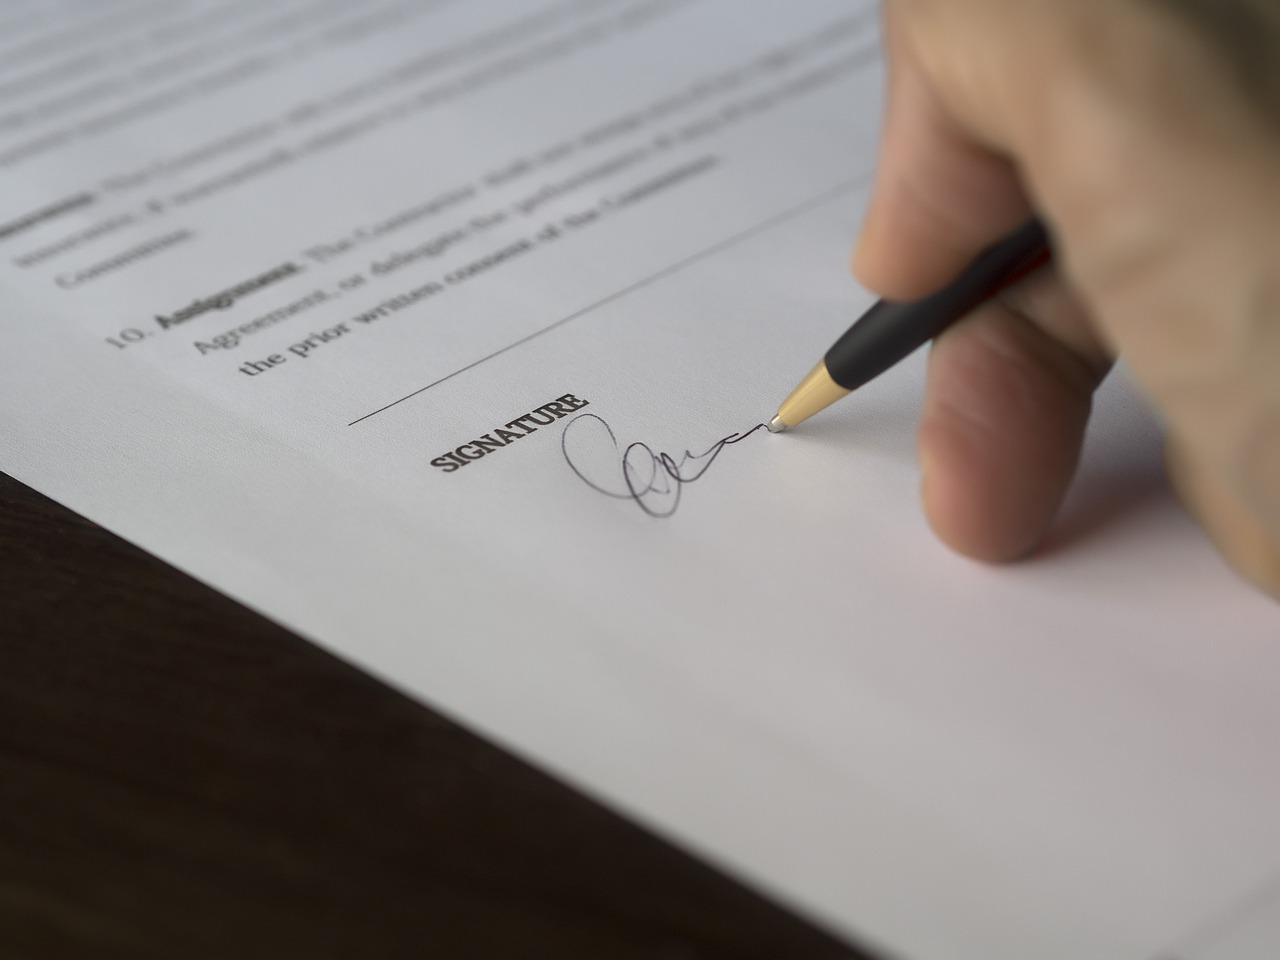 法人税の申告書、自署押印制度廃止でも署名してハンコを押さないといけない?